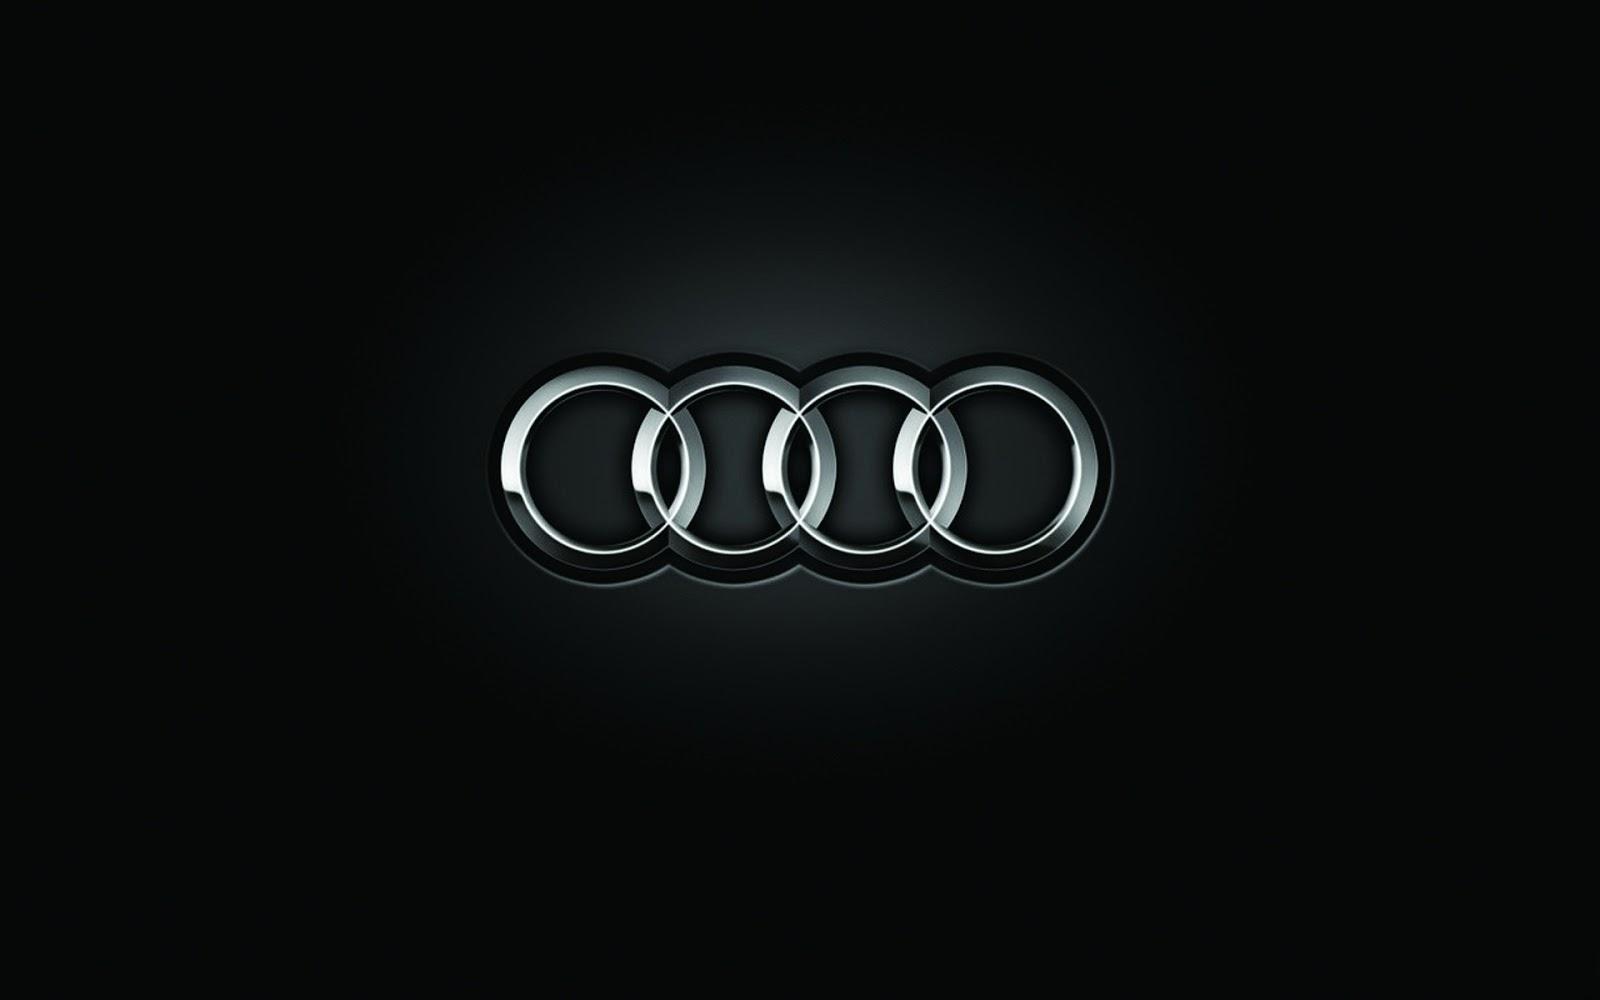 Audi Emblem Wallpaper